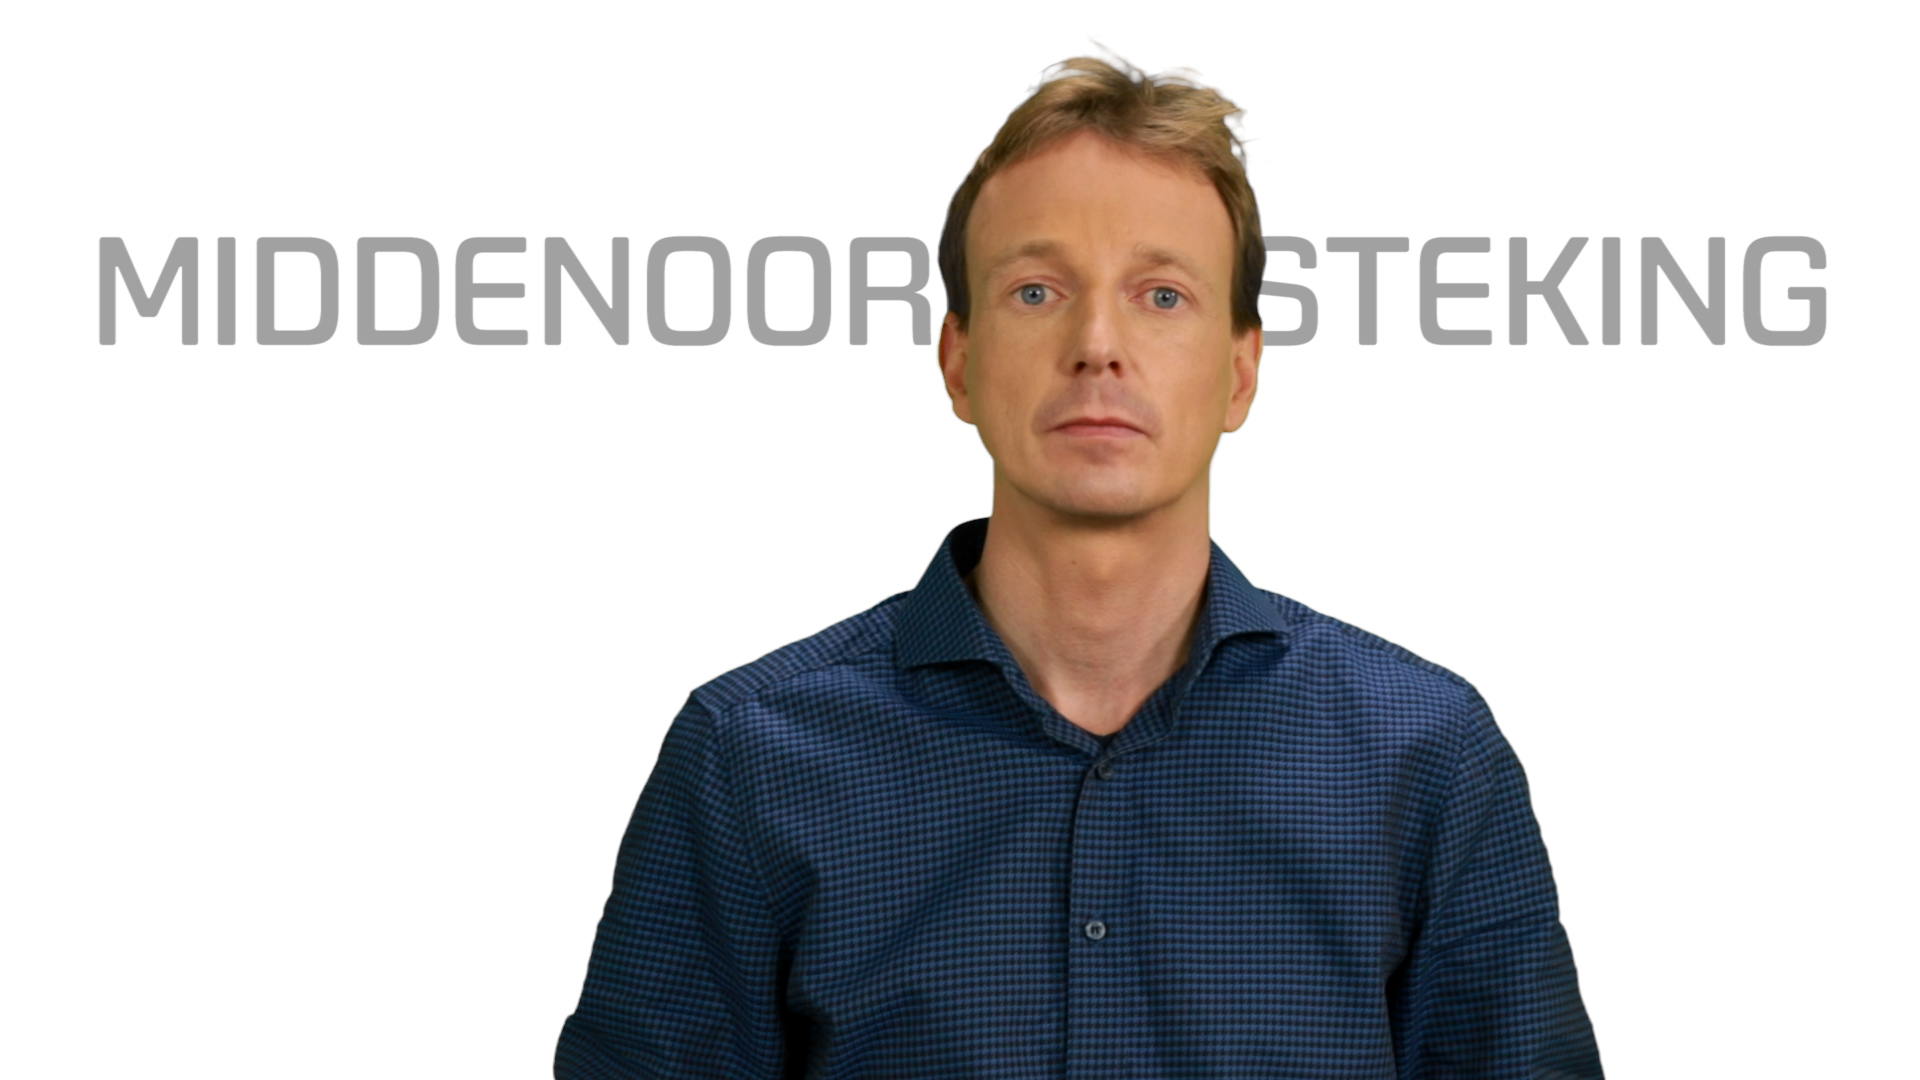 Bekijk de video: Middenoorontsteking